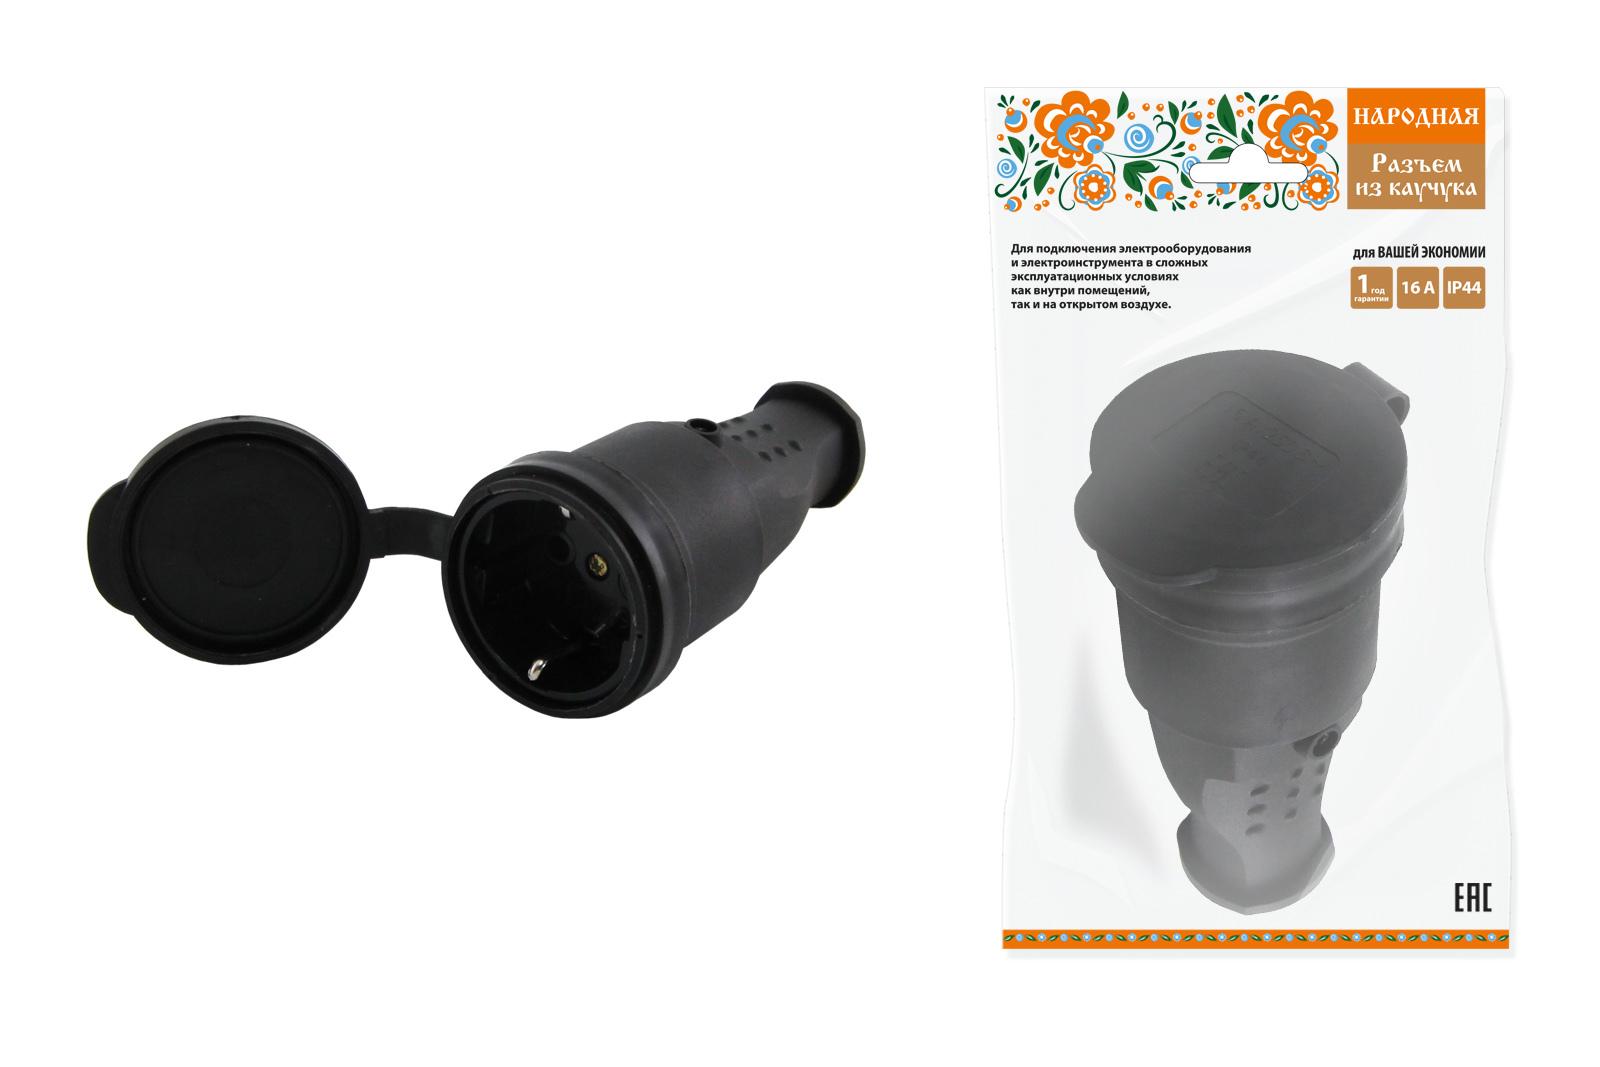 Разъем с заглушкой каучук 2Р+РЕ 16А 250В IP44 серии Народная